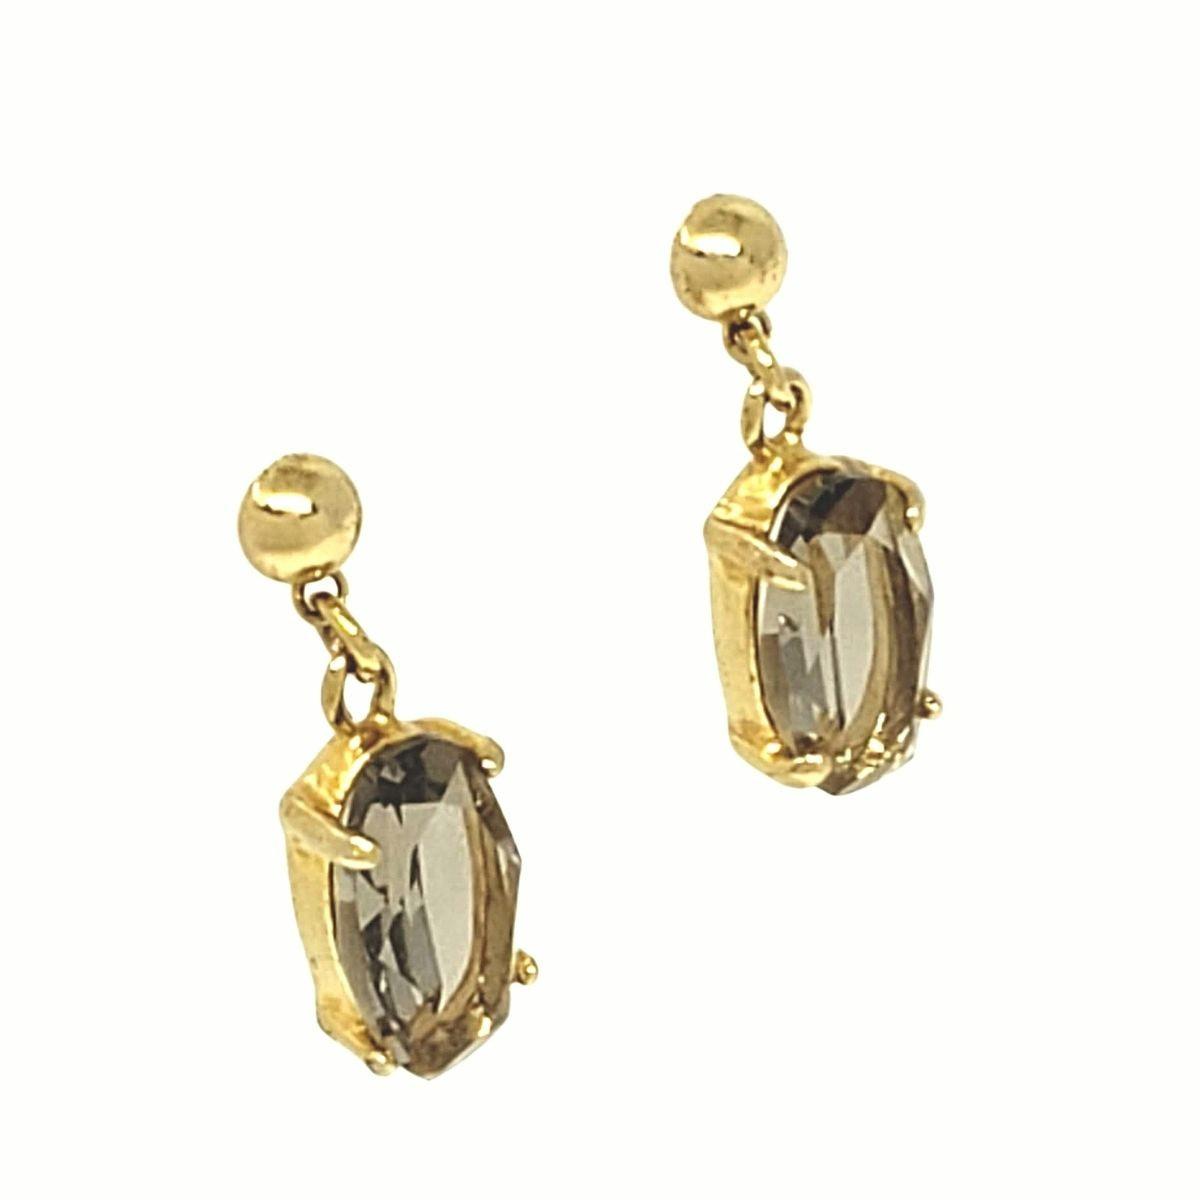 Brincos De Pedra Facetada Cristal Navete Banho De Ouro 18k 1390